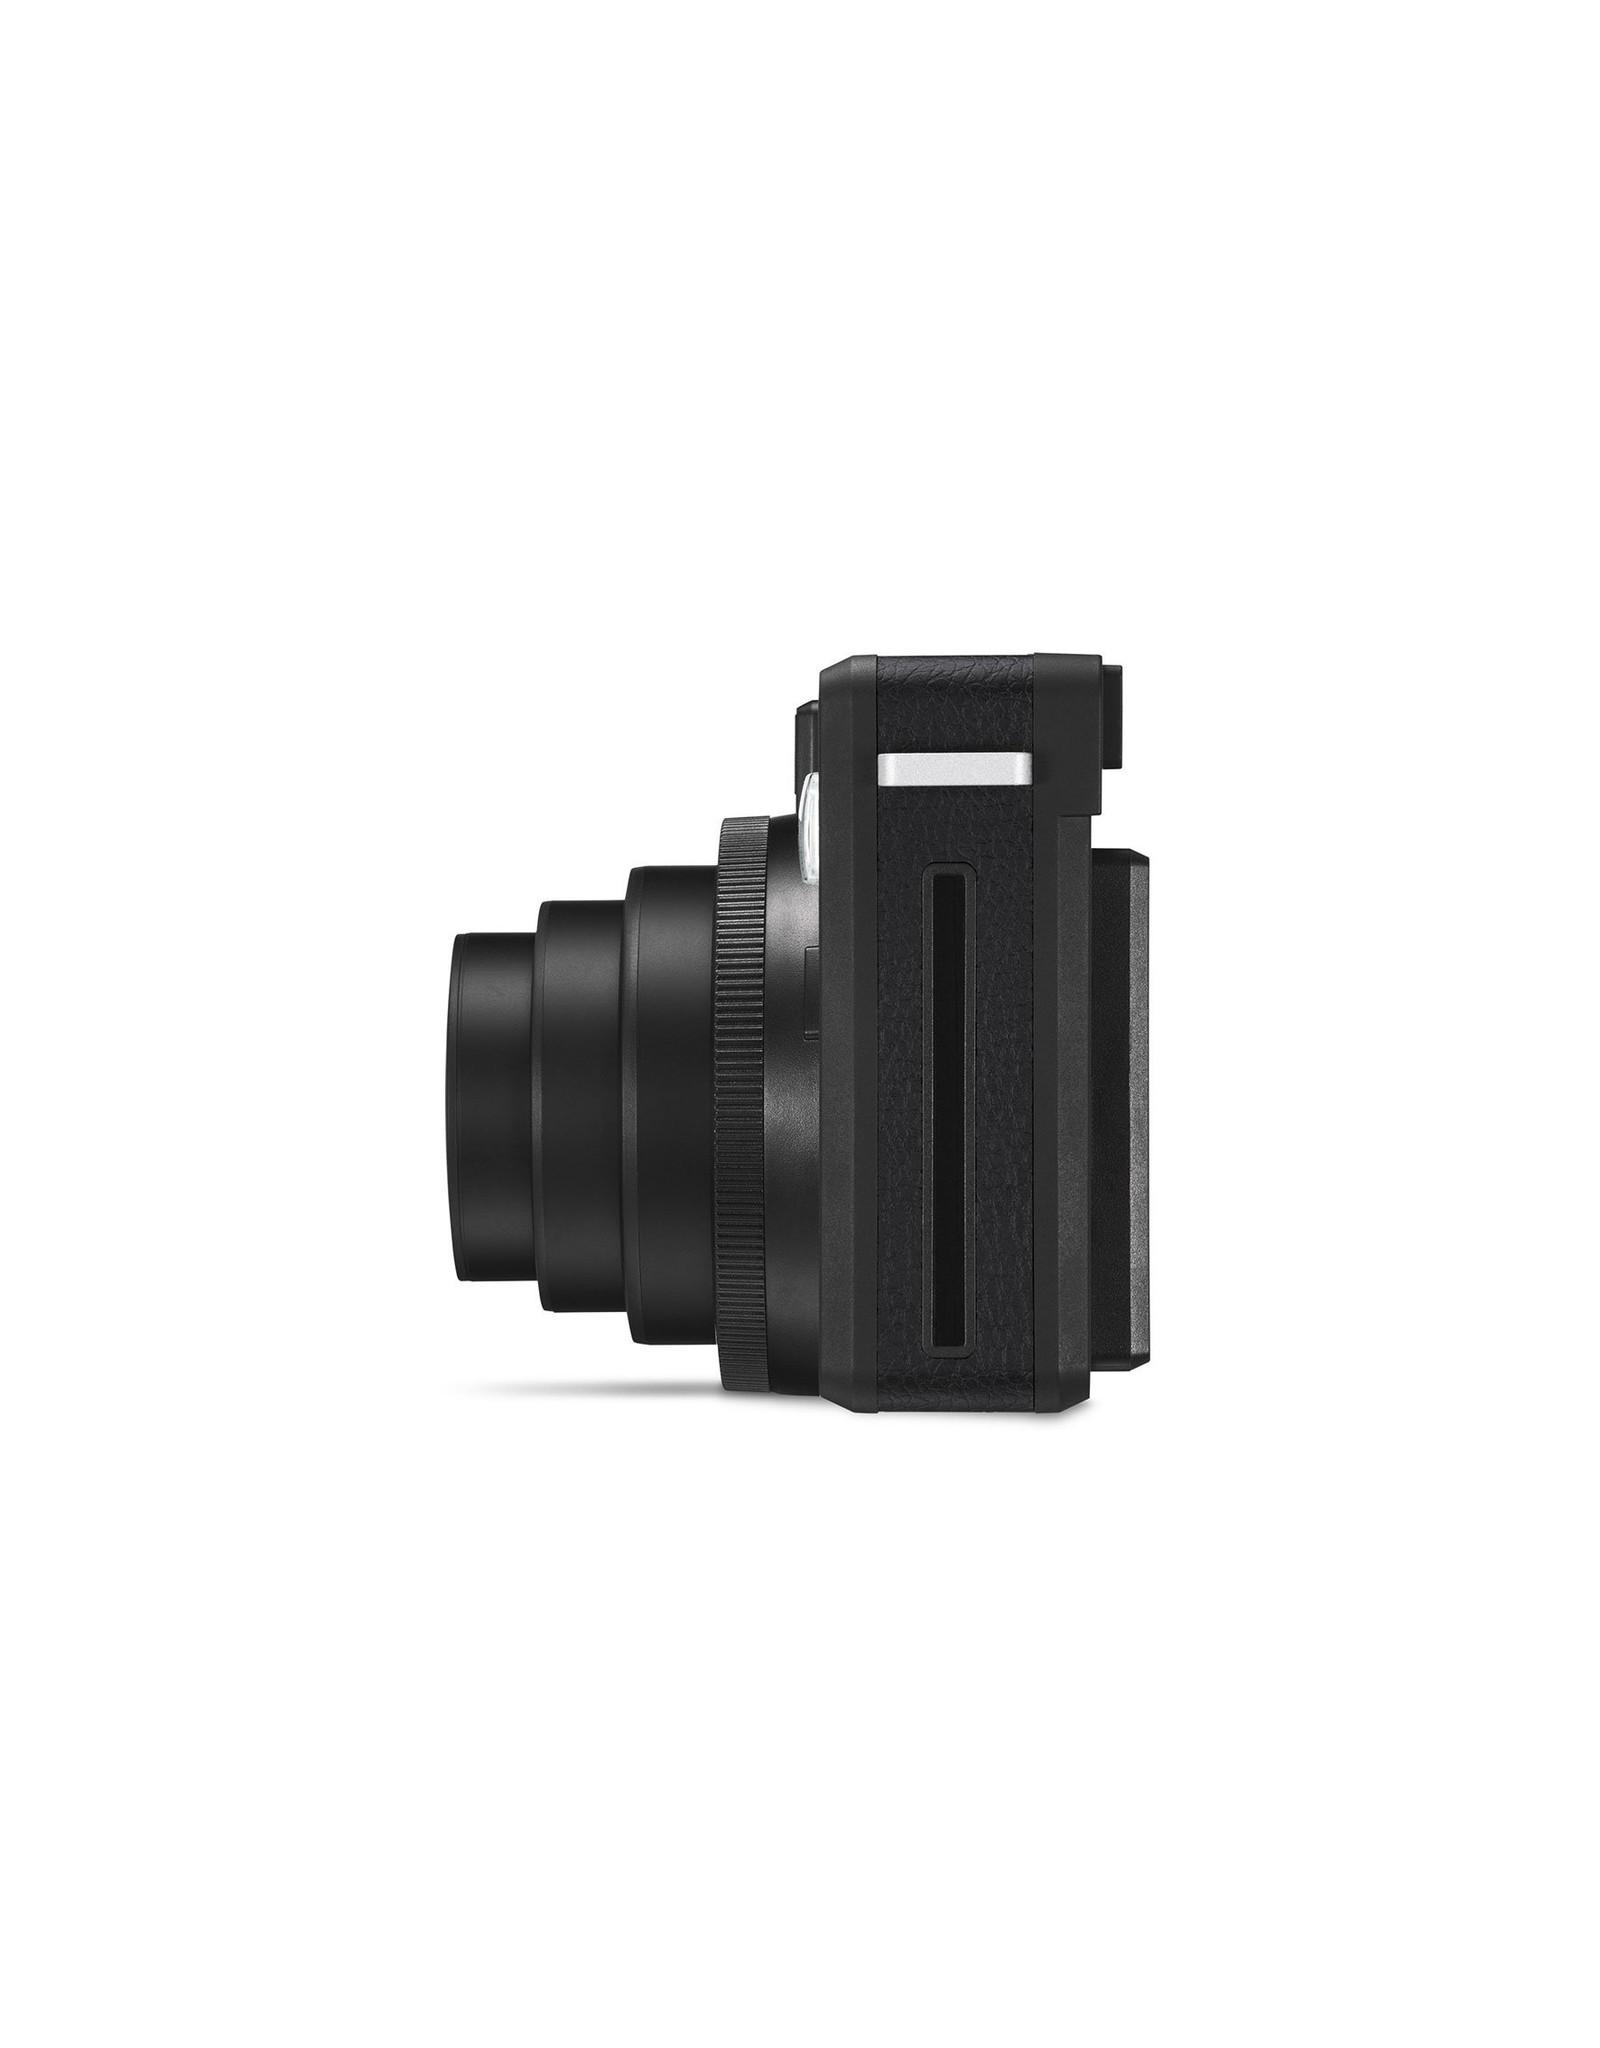 Leica Leica SOFORT Camera Black   191-11